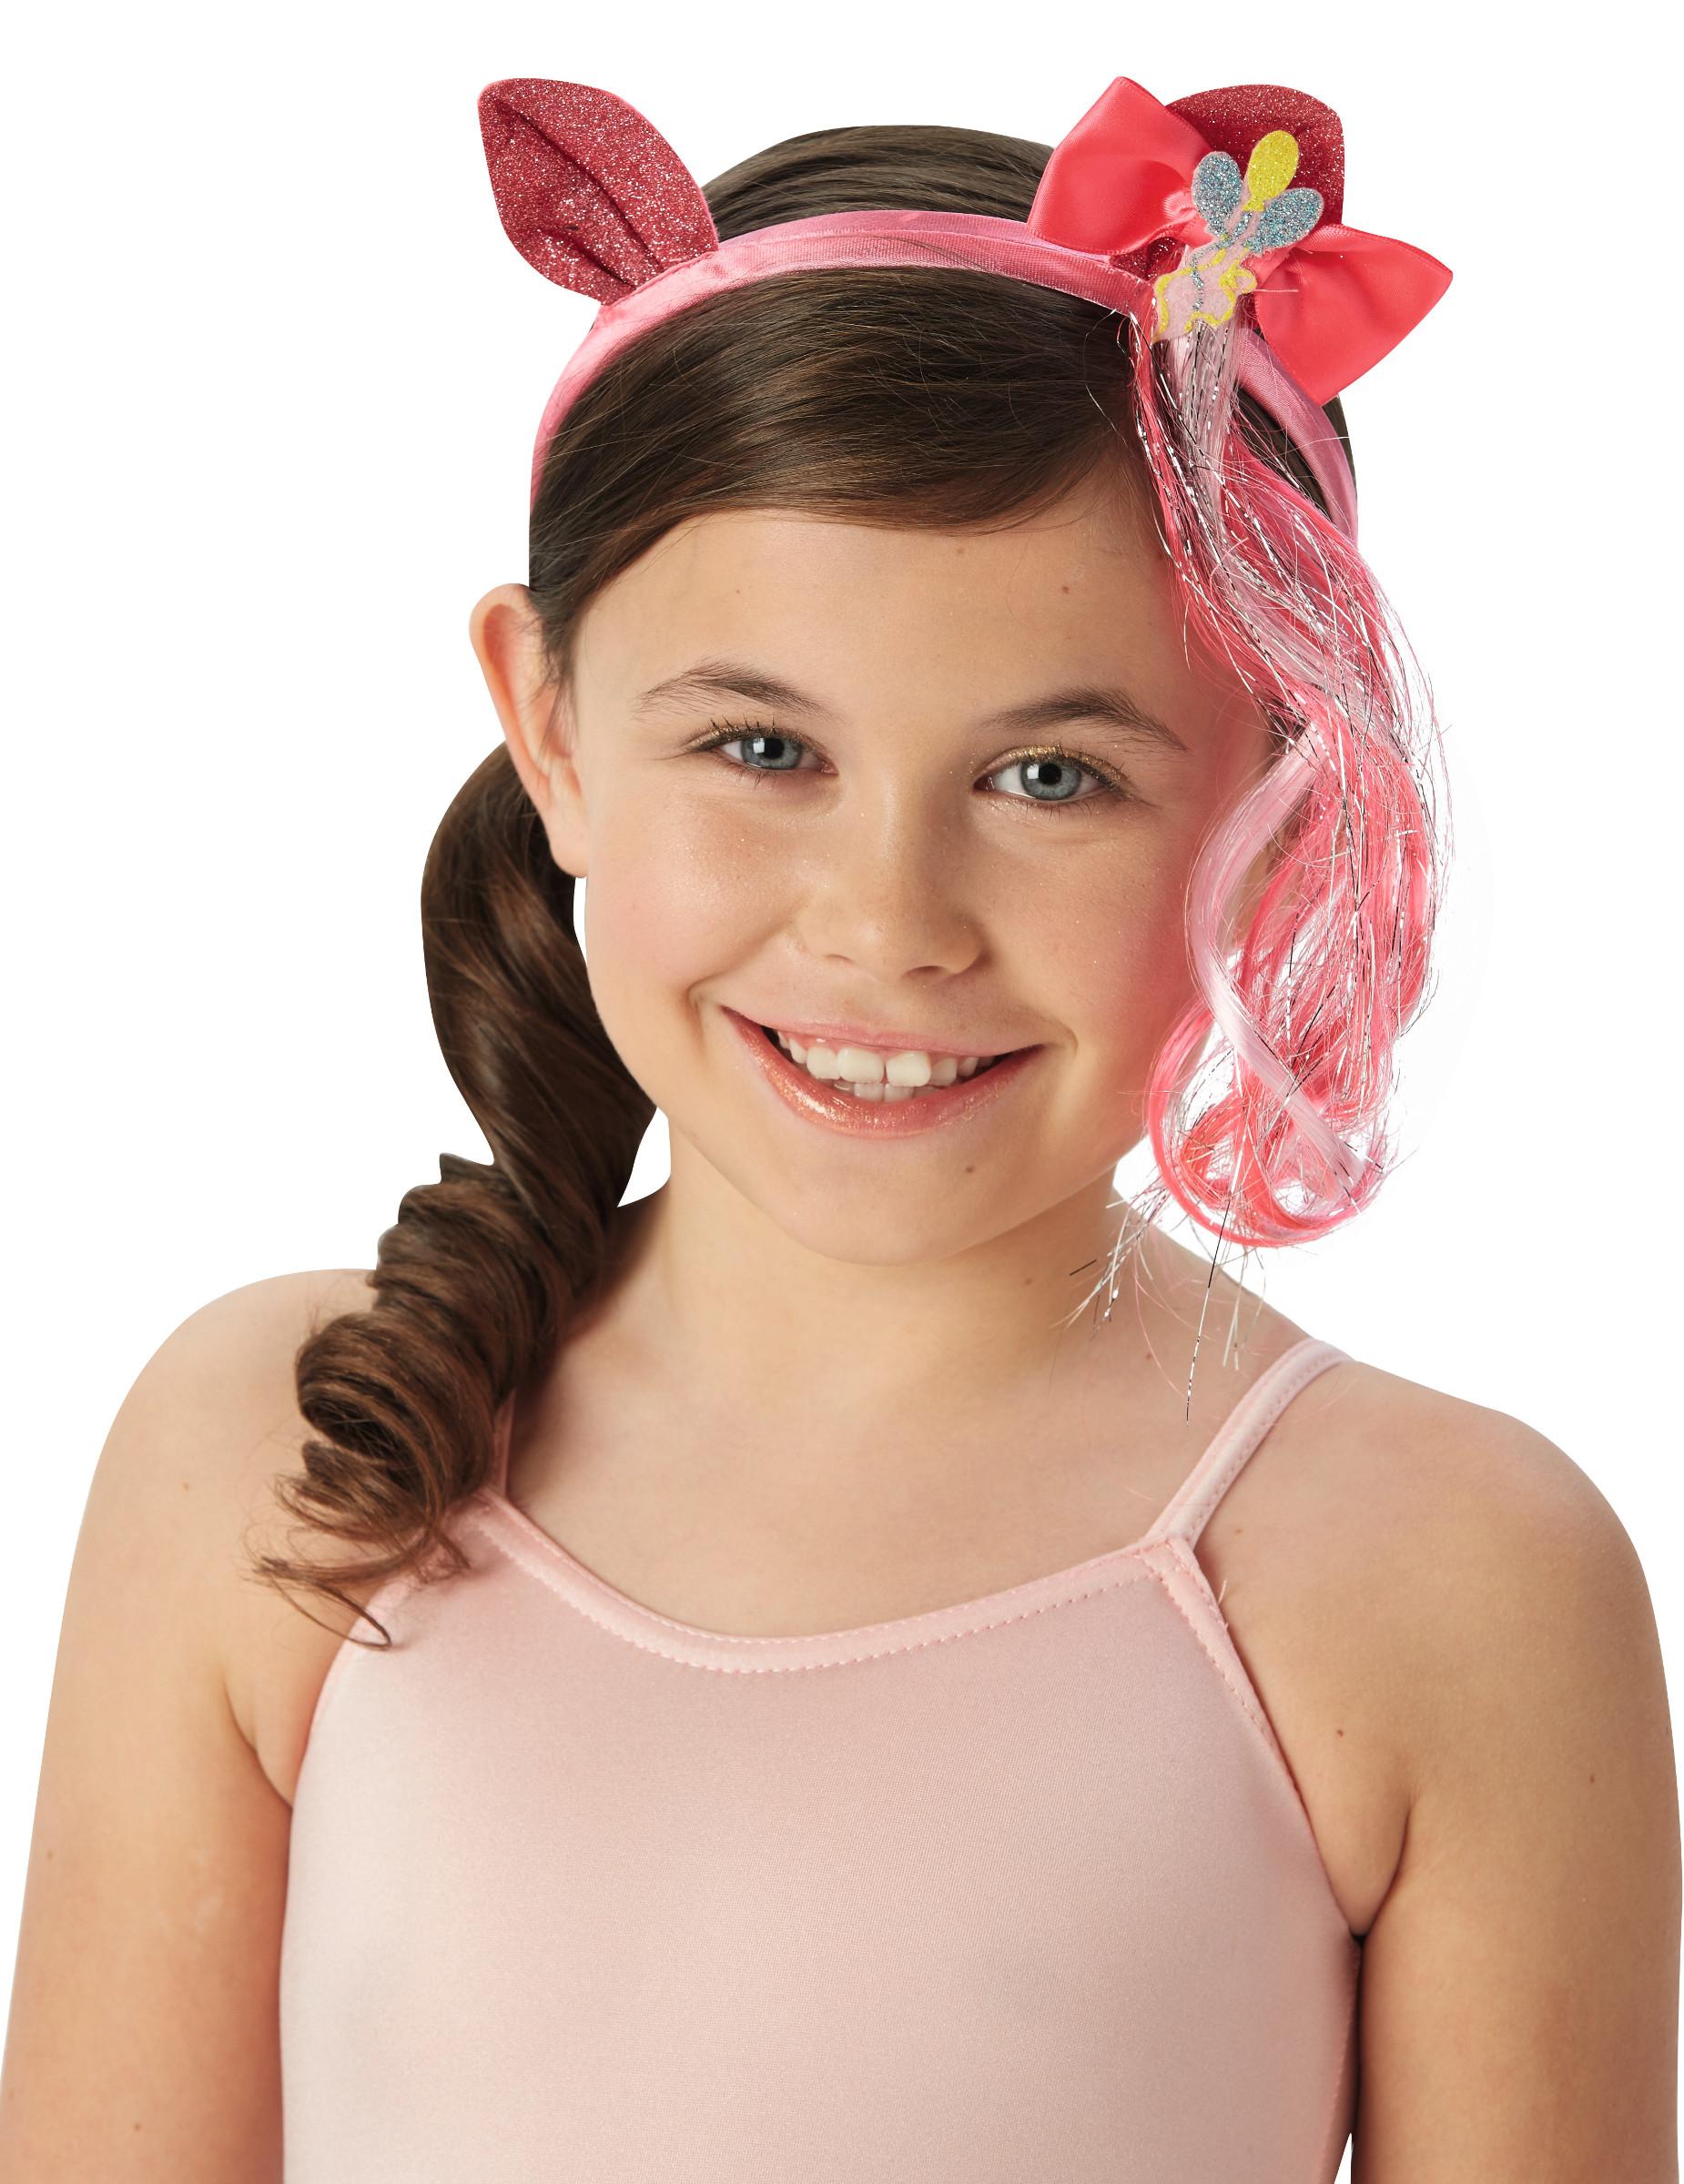 La ragazza con i capelli corti dei cartoni animati immagini png